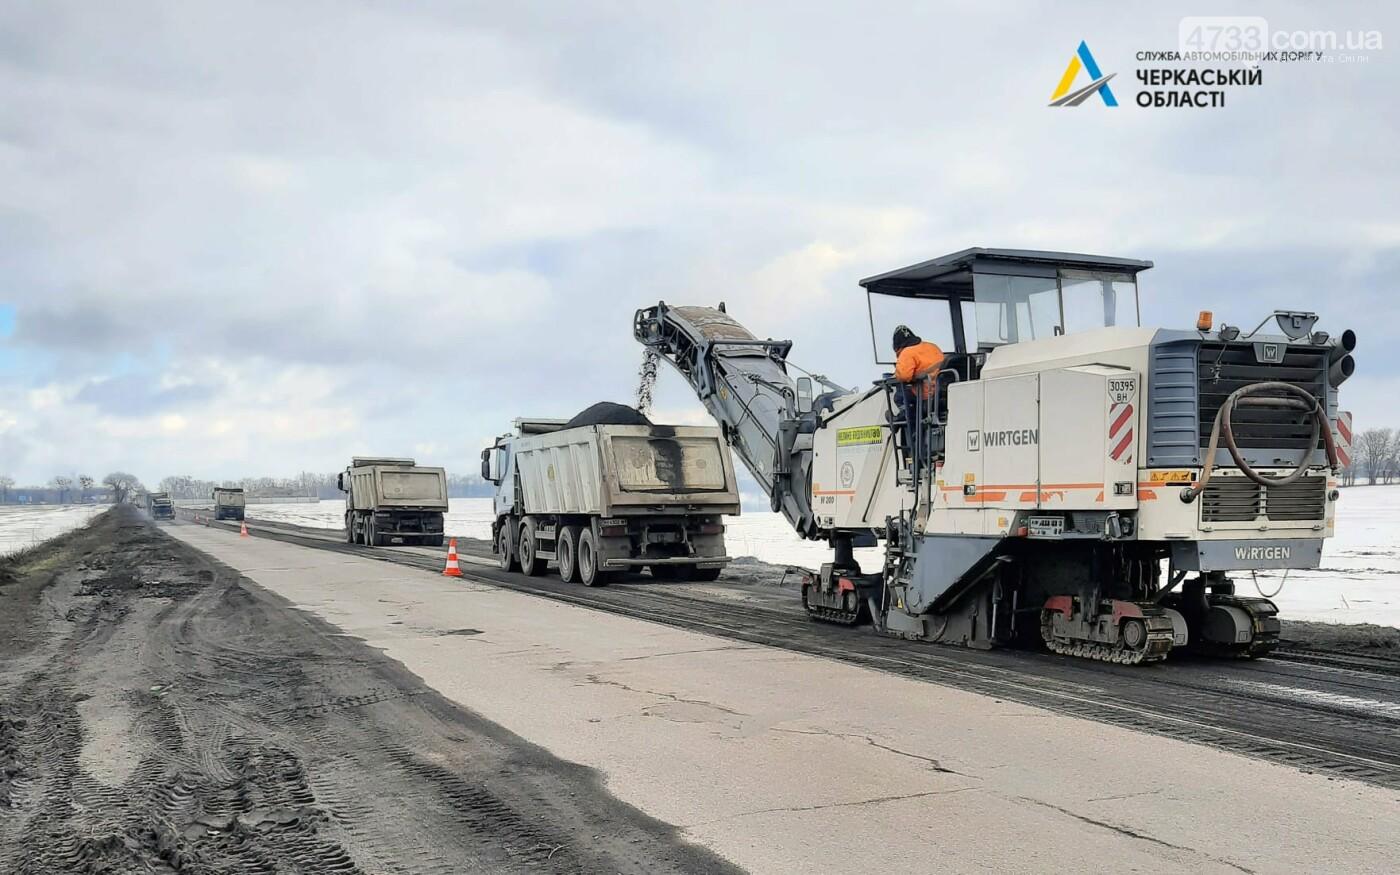 Розпочалися поточні ремонтні роботи на автодорозі від Черкас до Сміли. Рух ускладнено, фото-6